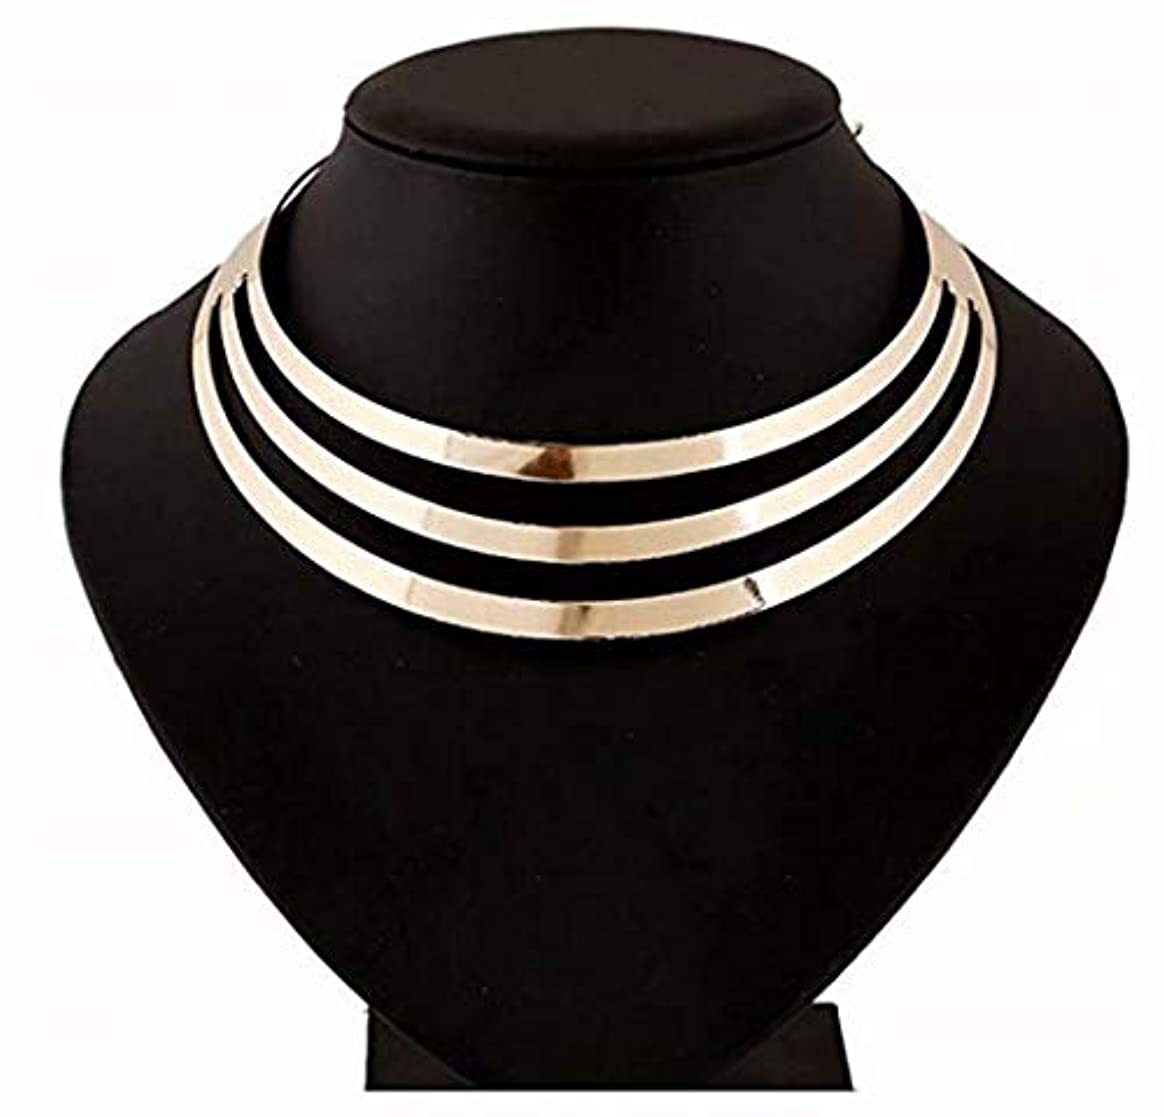 モードリンピッチ優遇七里の香 ペンダントネックレス 3 多層半円のペンダント 亜鉛合金チェーンネックレス ファッション 女性 -ゴールド